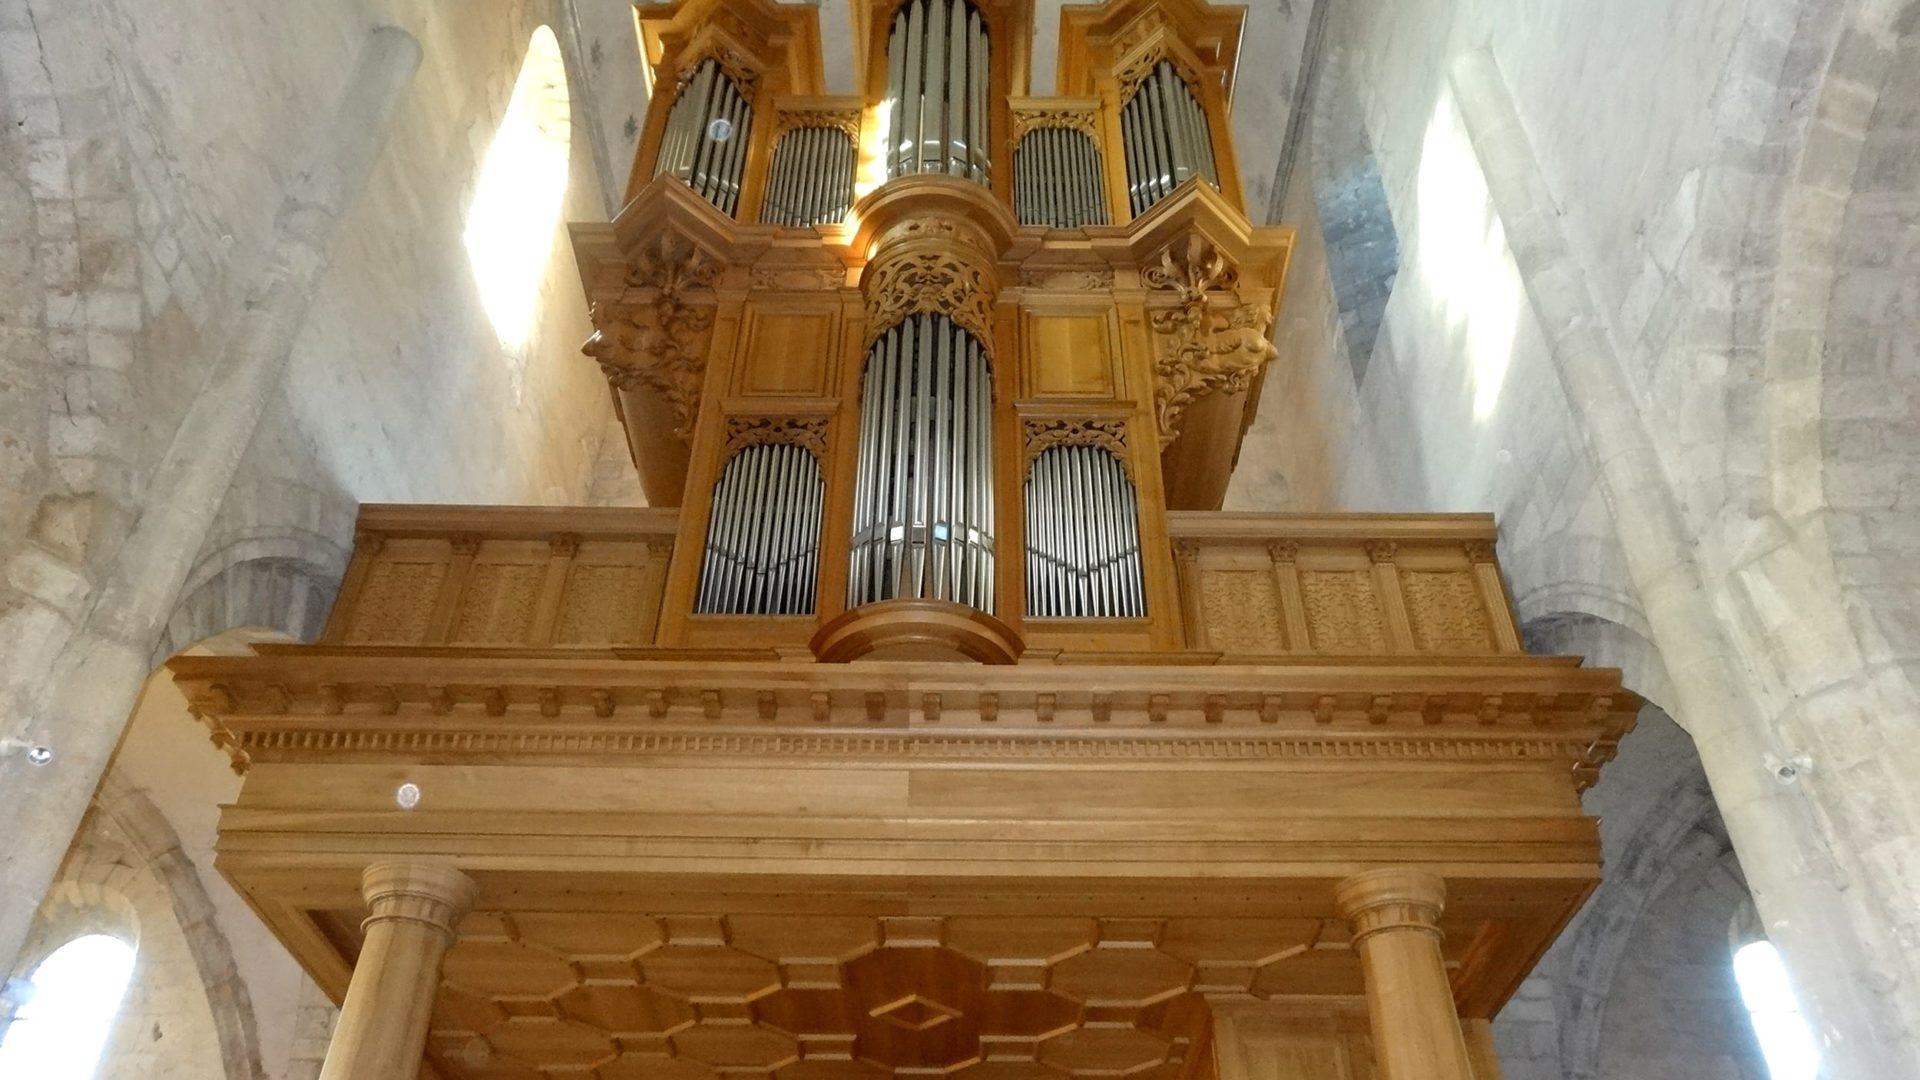 Tribune d'orgue Eglise Saint-Gilles